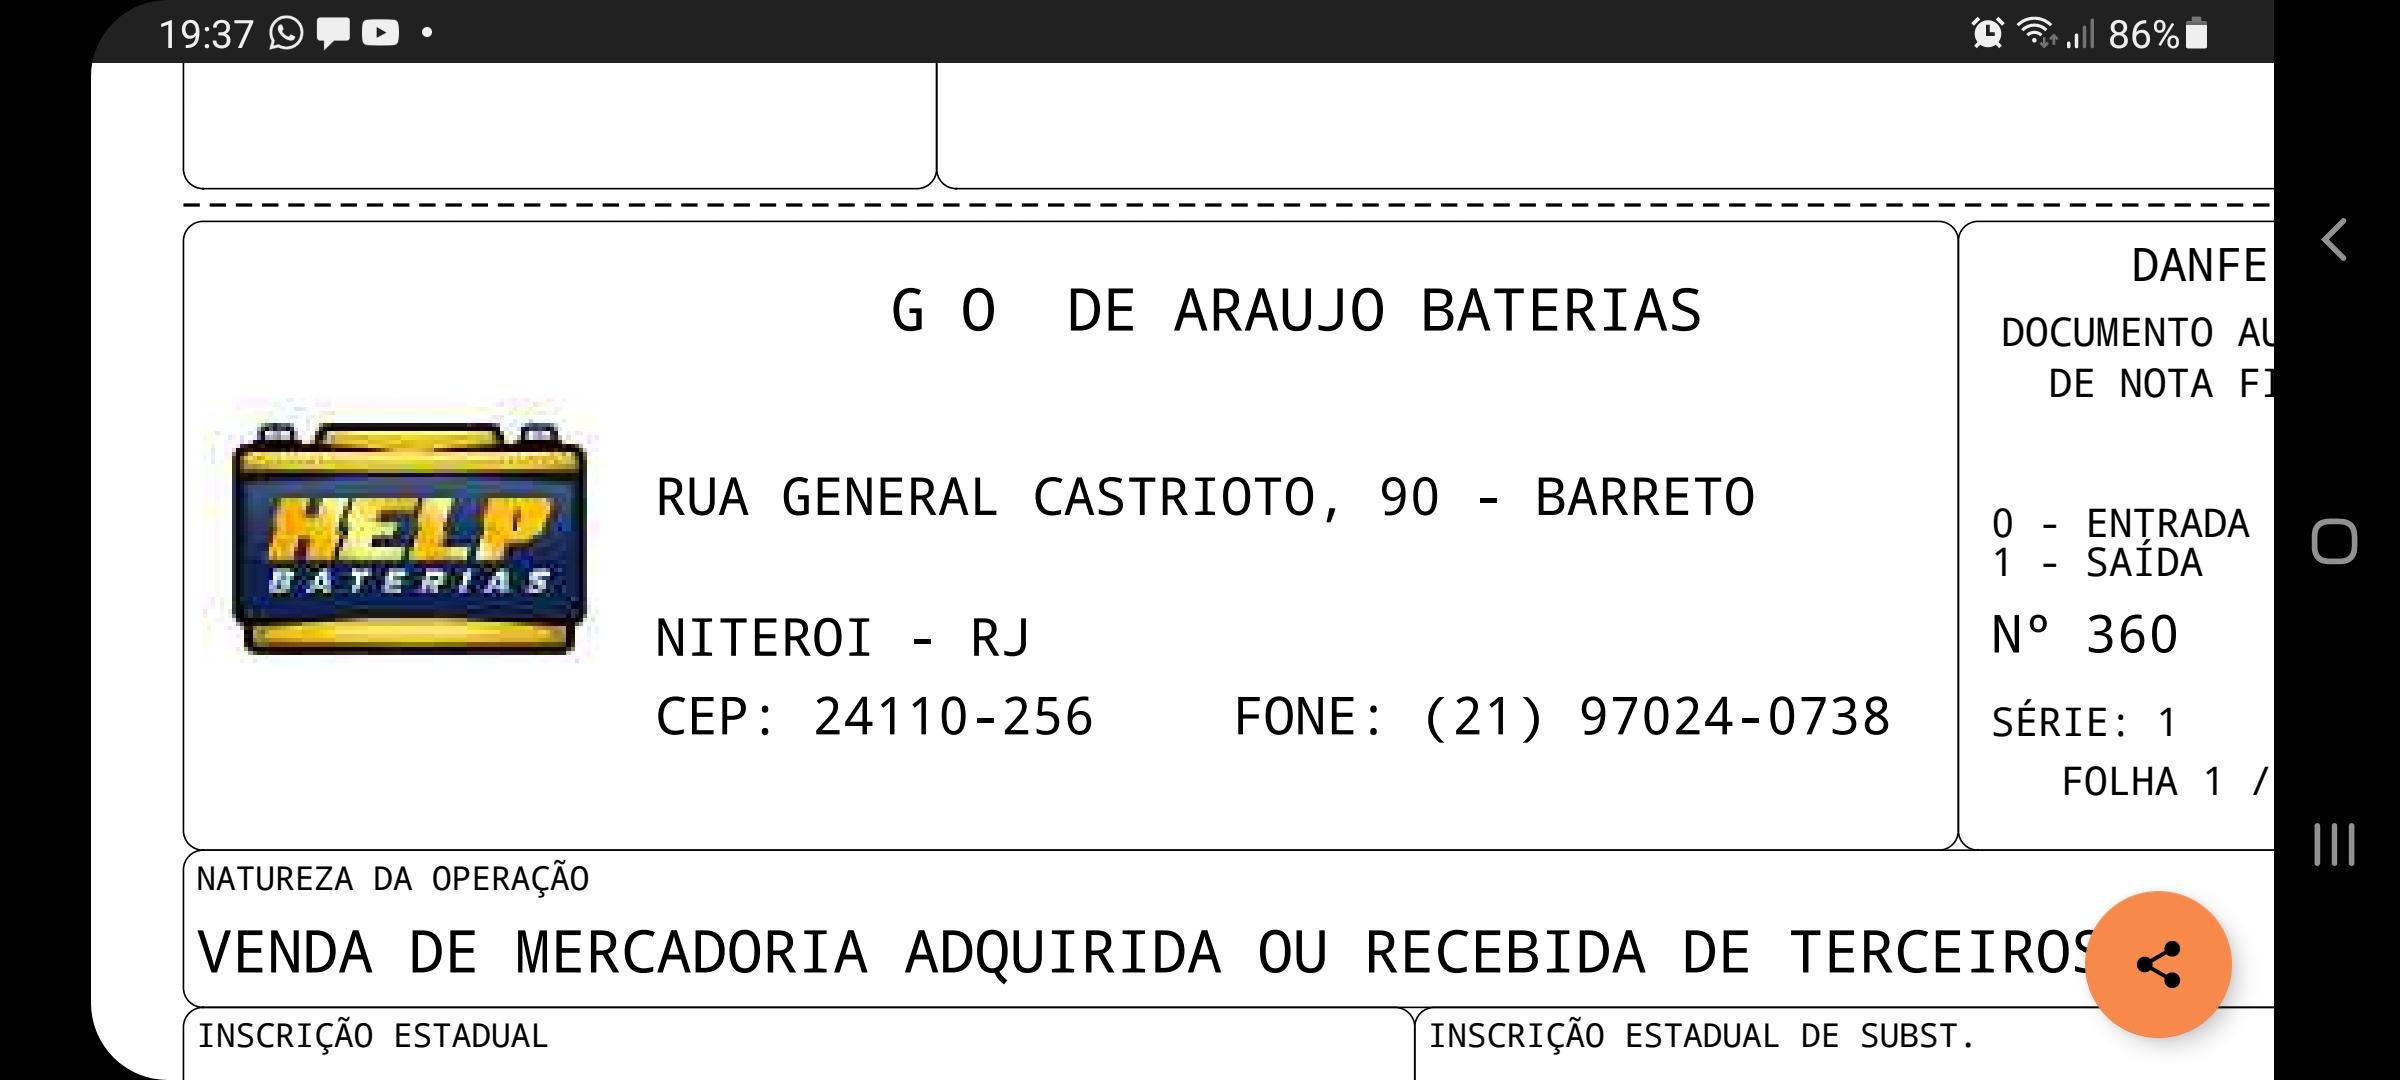 837ec9c174d53d953a39b823f9682f4f.jpg